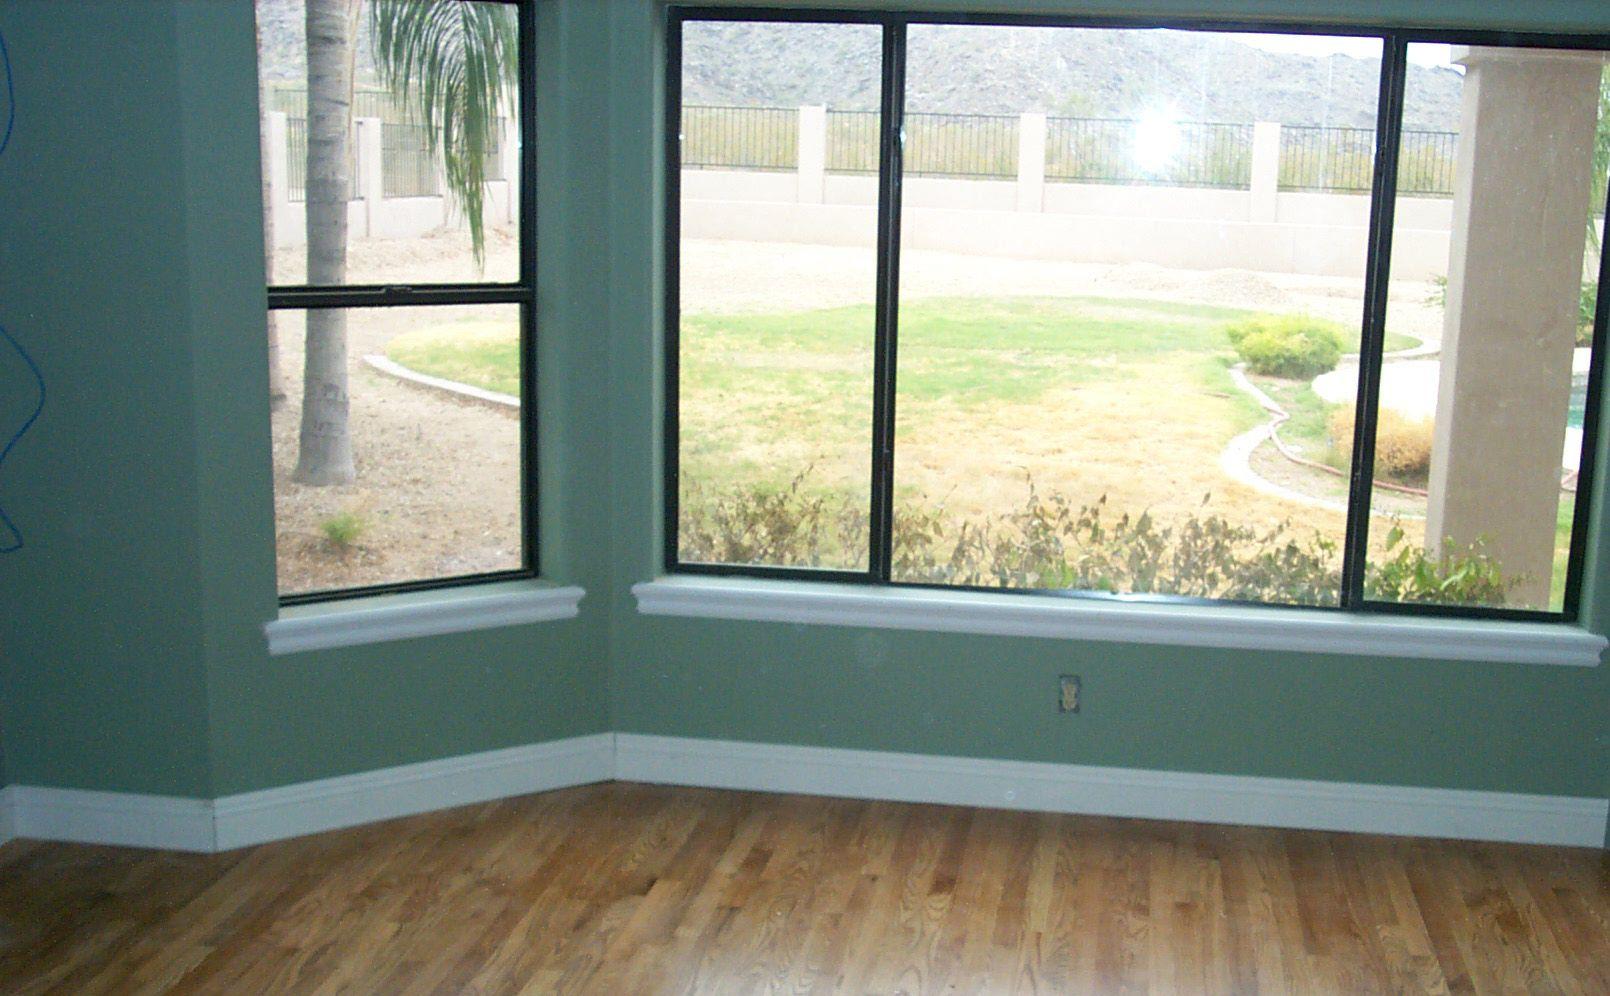 interior window sill | window-sill-ideas-window-trim-will ...